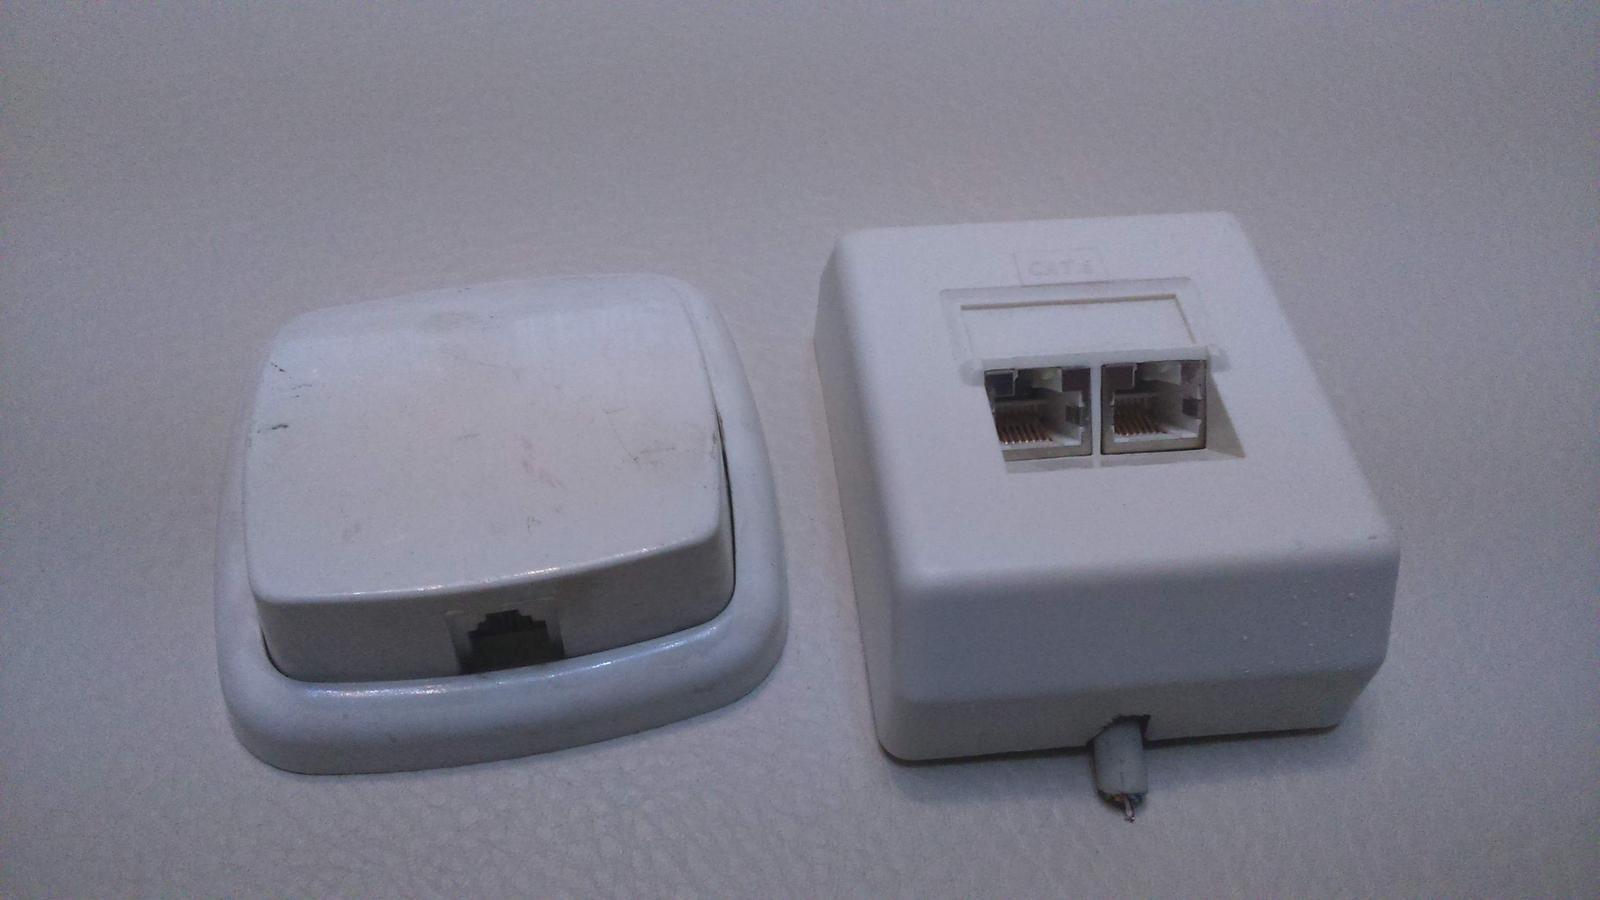 telefónne zásuvky  - Obrázok č. 1